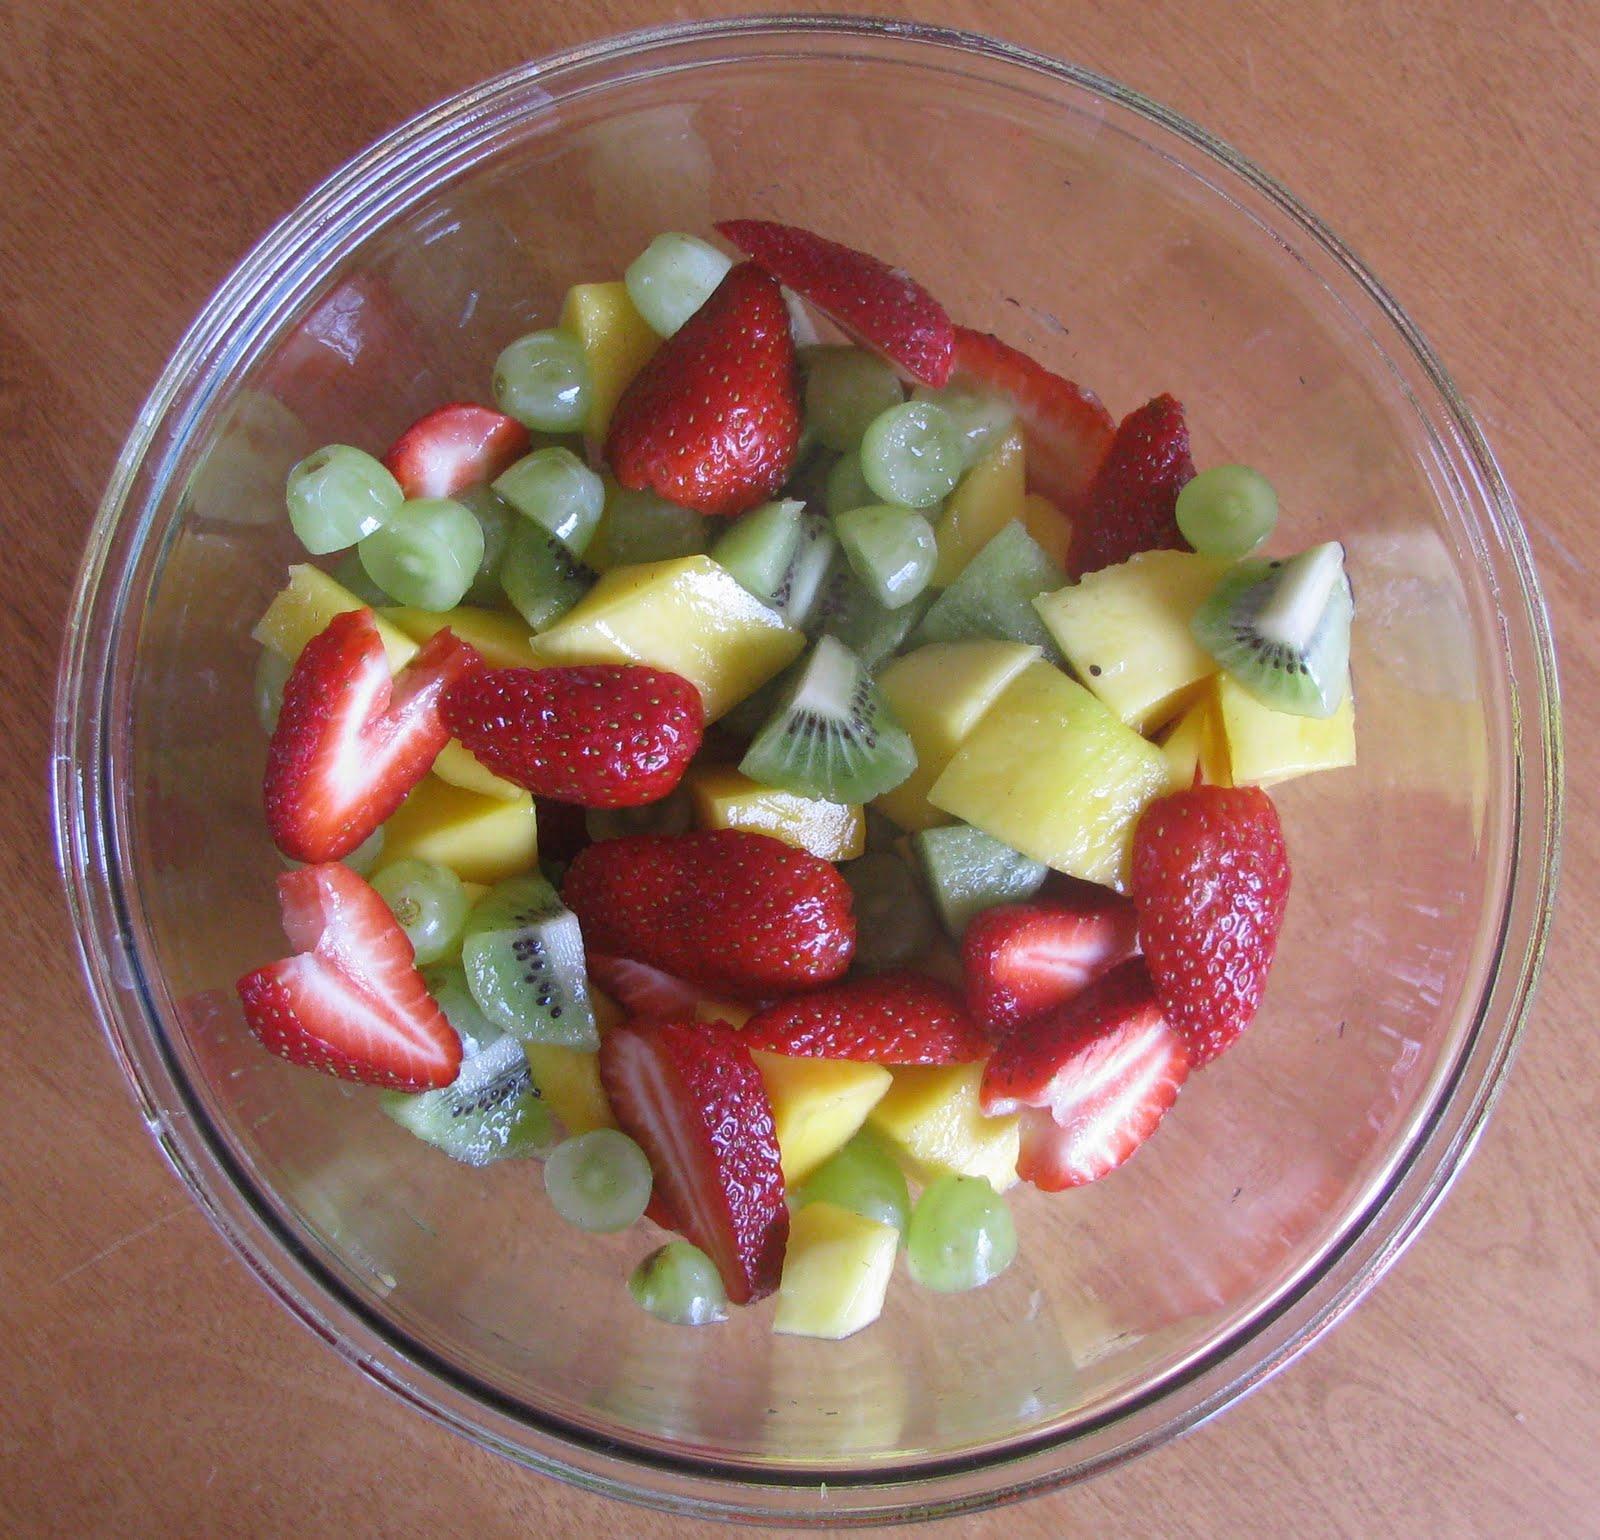 http://3.bp.blogspot.com/_F_3Qk3thYd0/S7oddqRQd_I/AAAAAAAAAK8/8a7T1ULgEmg/s1600/fruitsalad.JPG